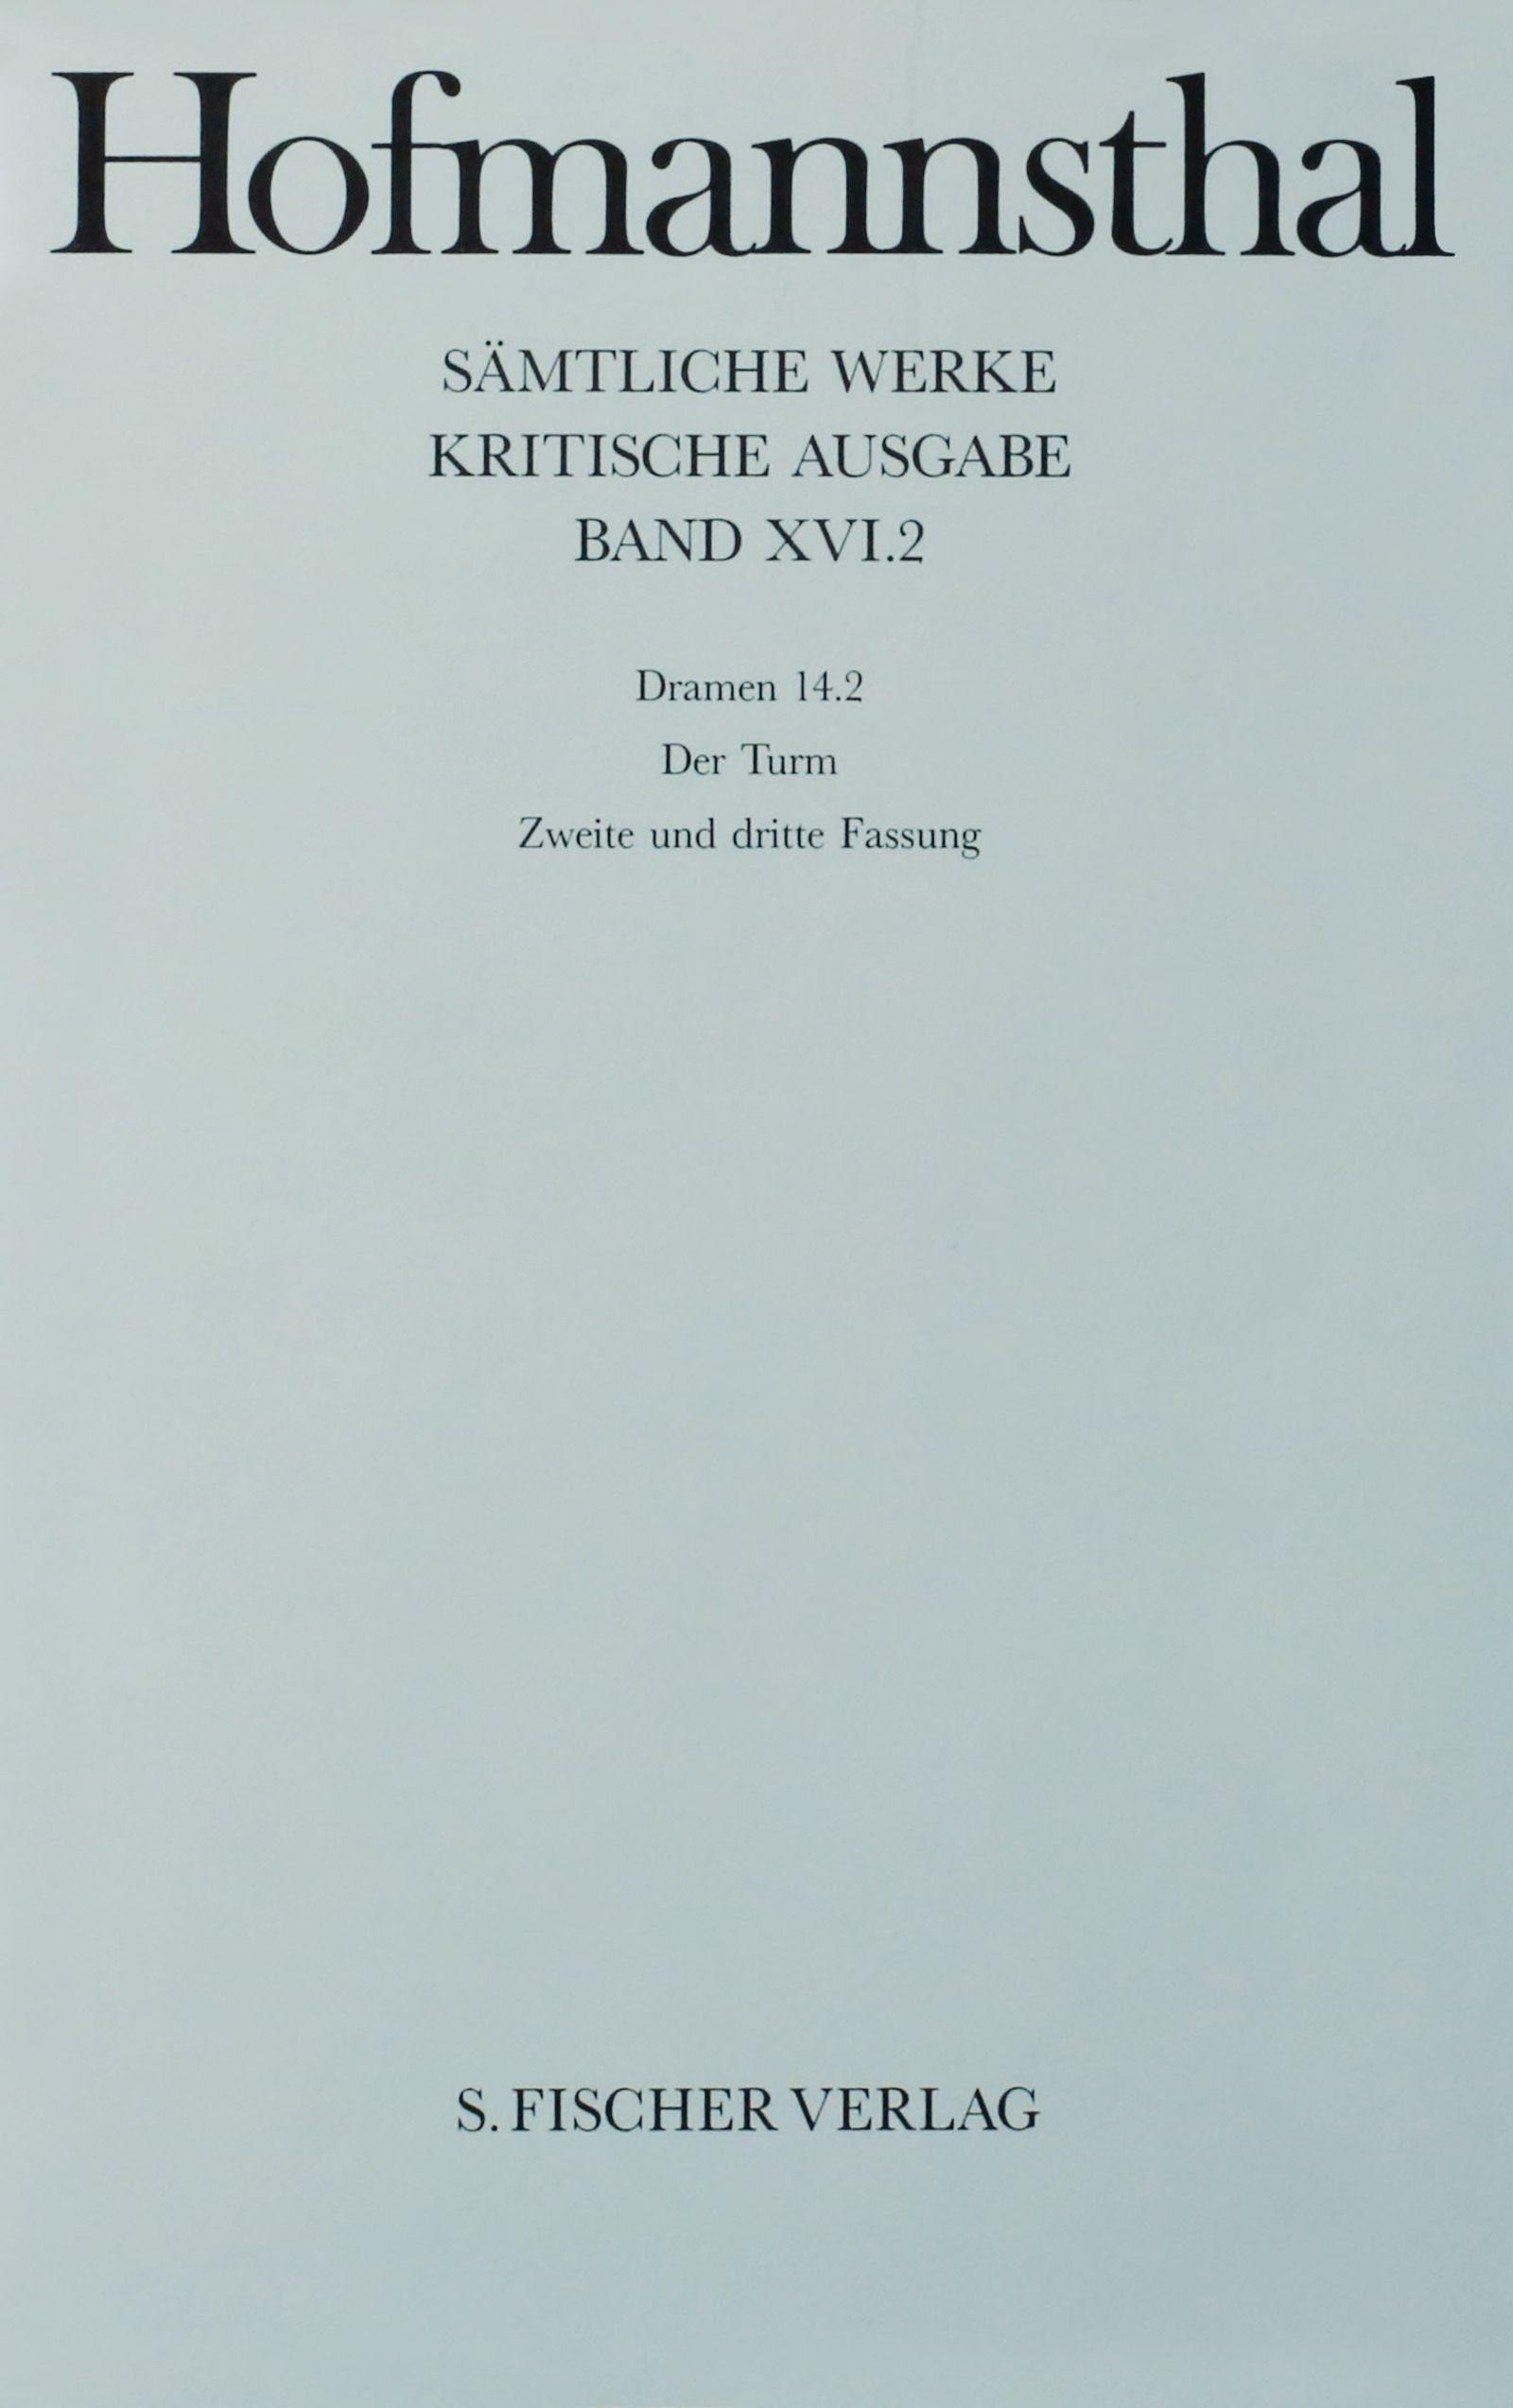 Dramen 14.2. Der Turm. Zweite Fassung und dritte Fassung, Hugo von Hofmanns ...